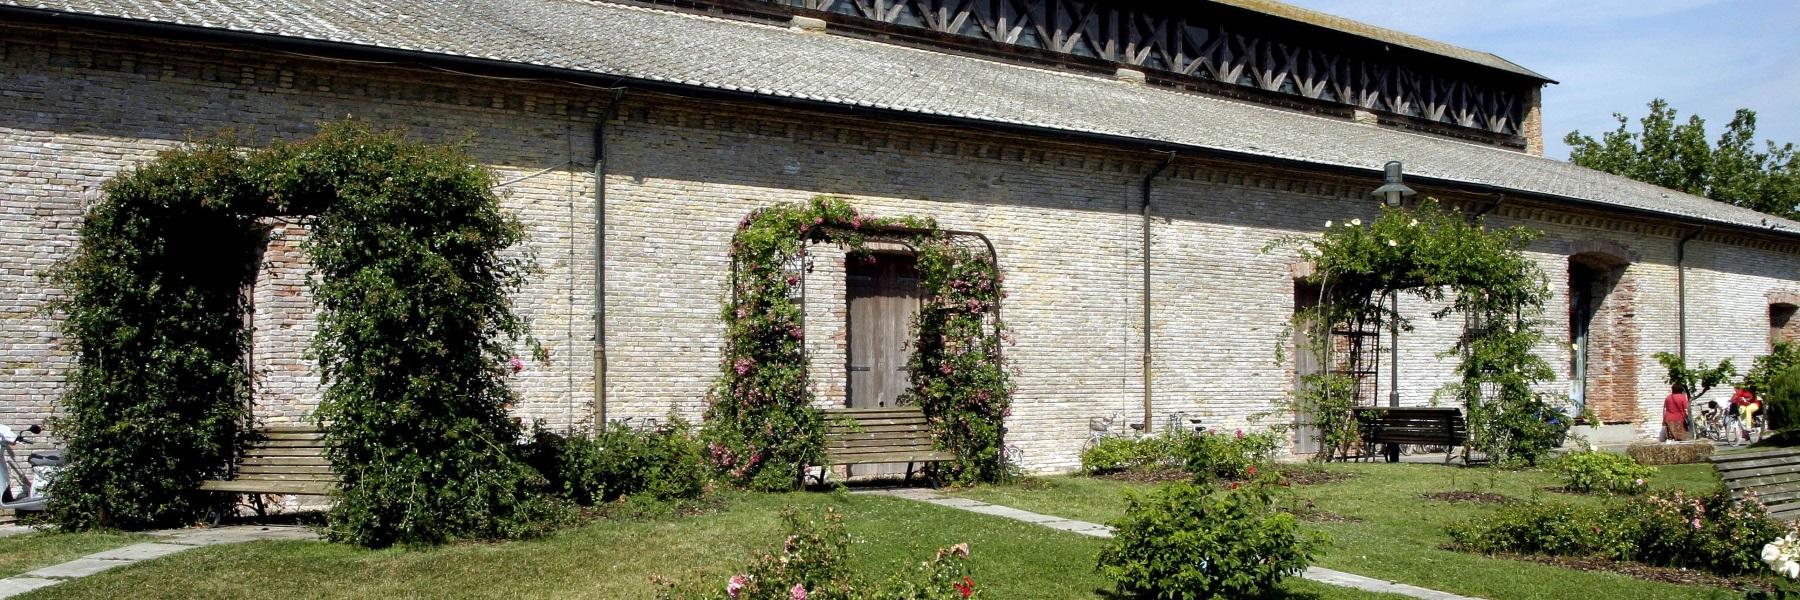 Magazzino del Sale Darsena